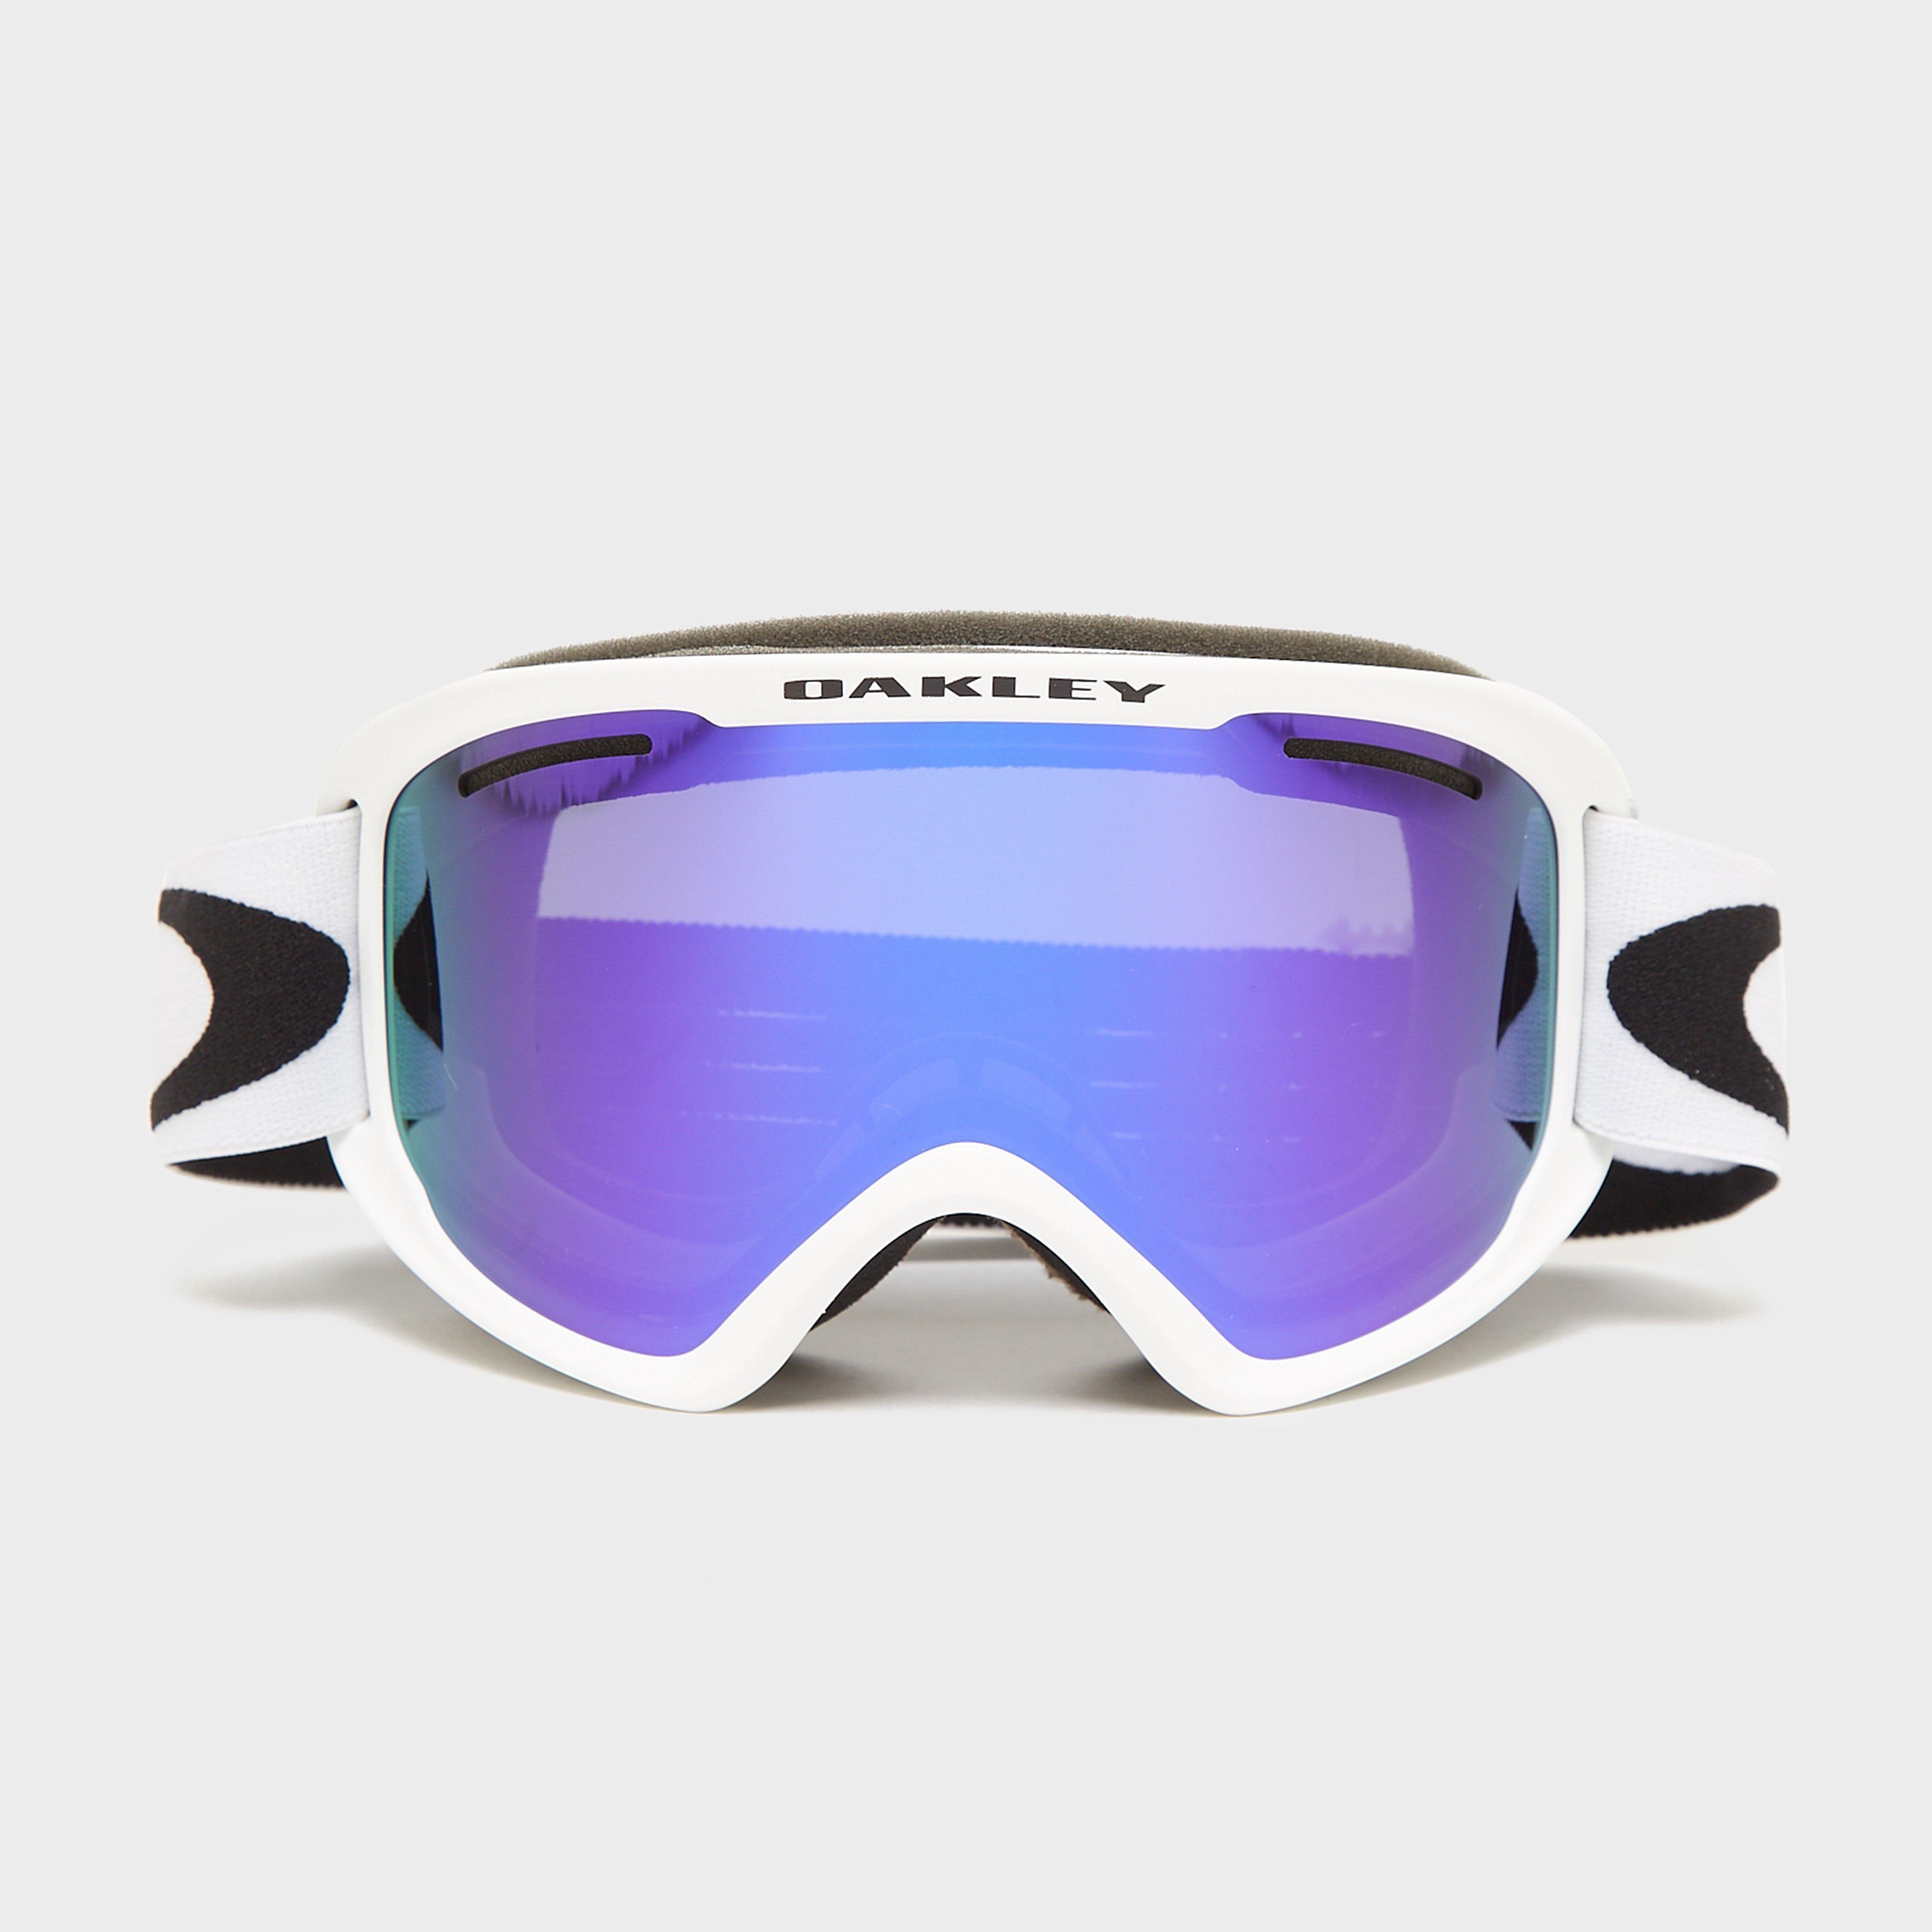 Oakley Oakley O Frame 2.0 Pro Xm Snow Goggles - White/wht  White/wht